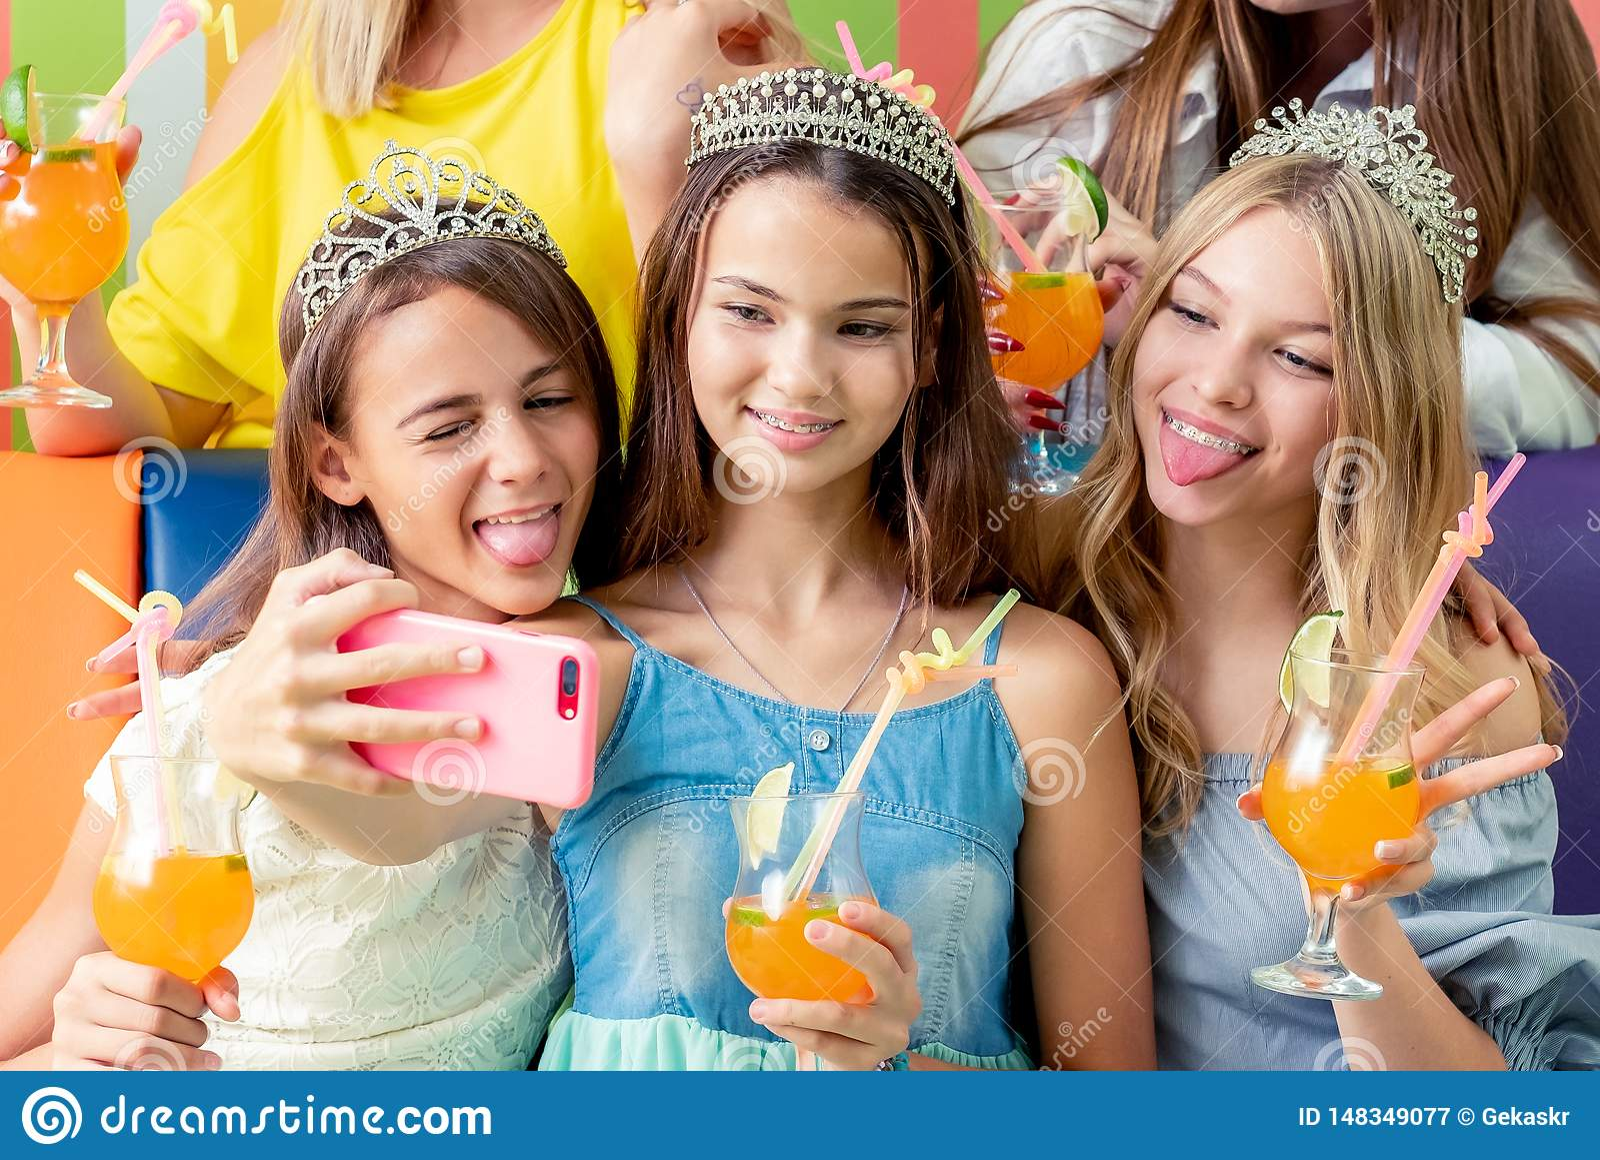 Los adolescentes bastante sonrientes en vestidos y coronas se sientan abrazando juntas sostener las bebidas